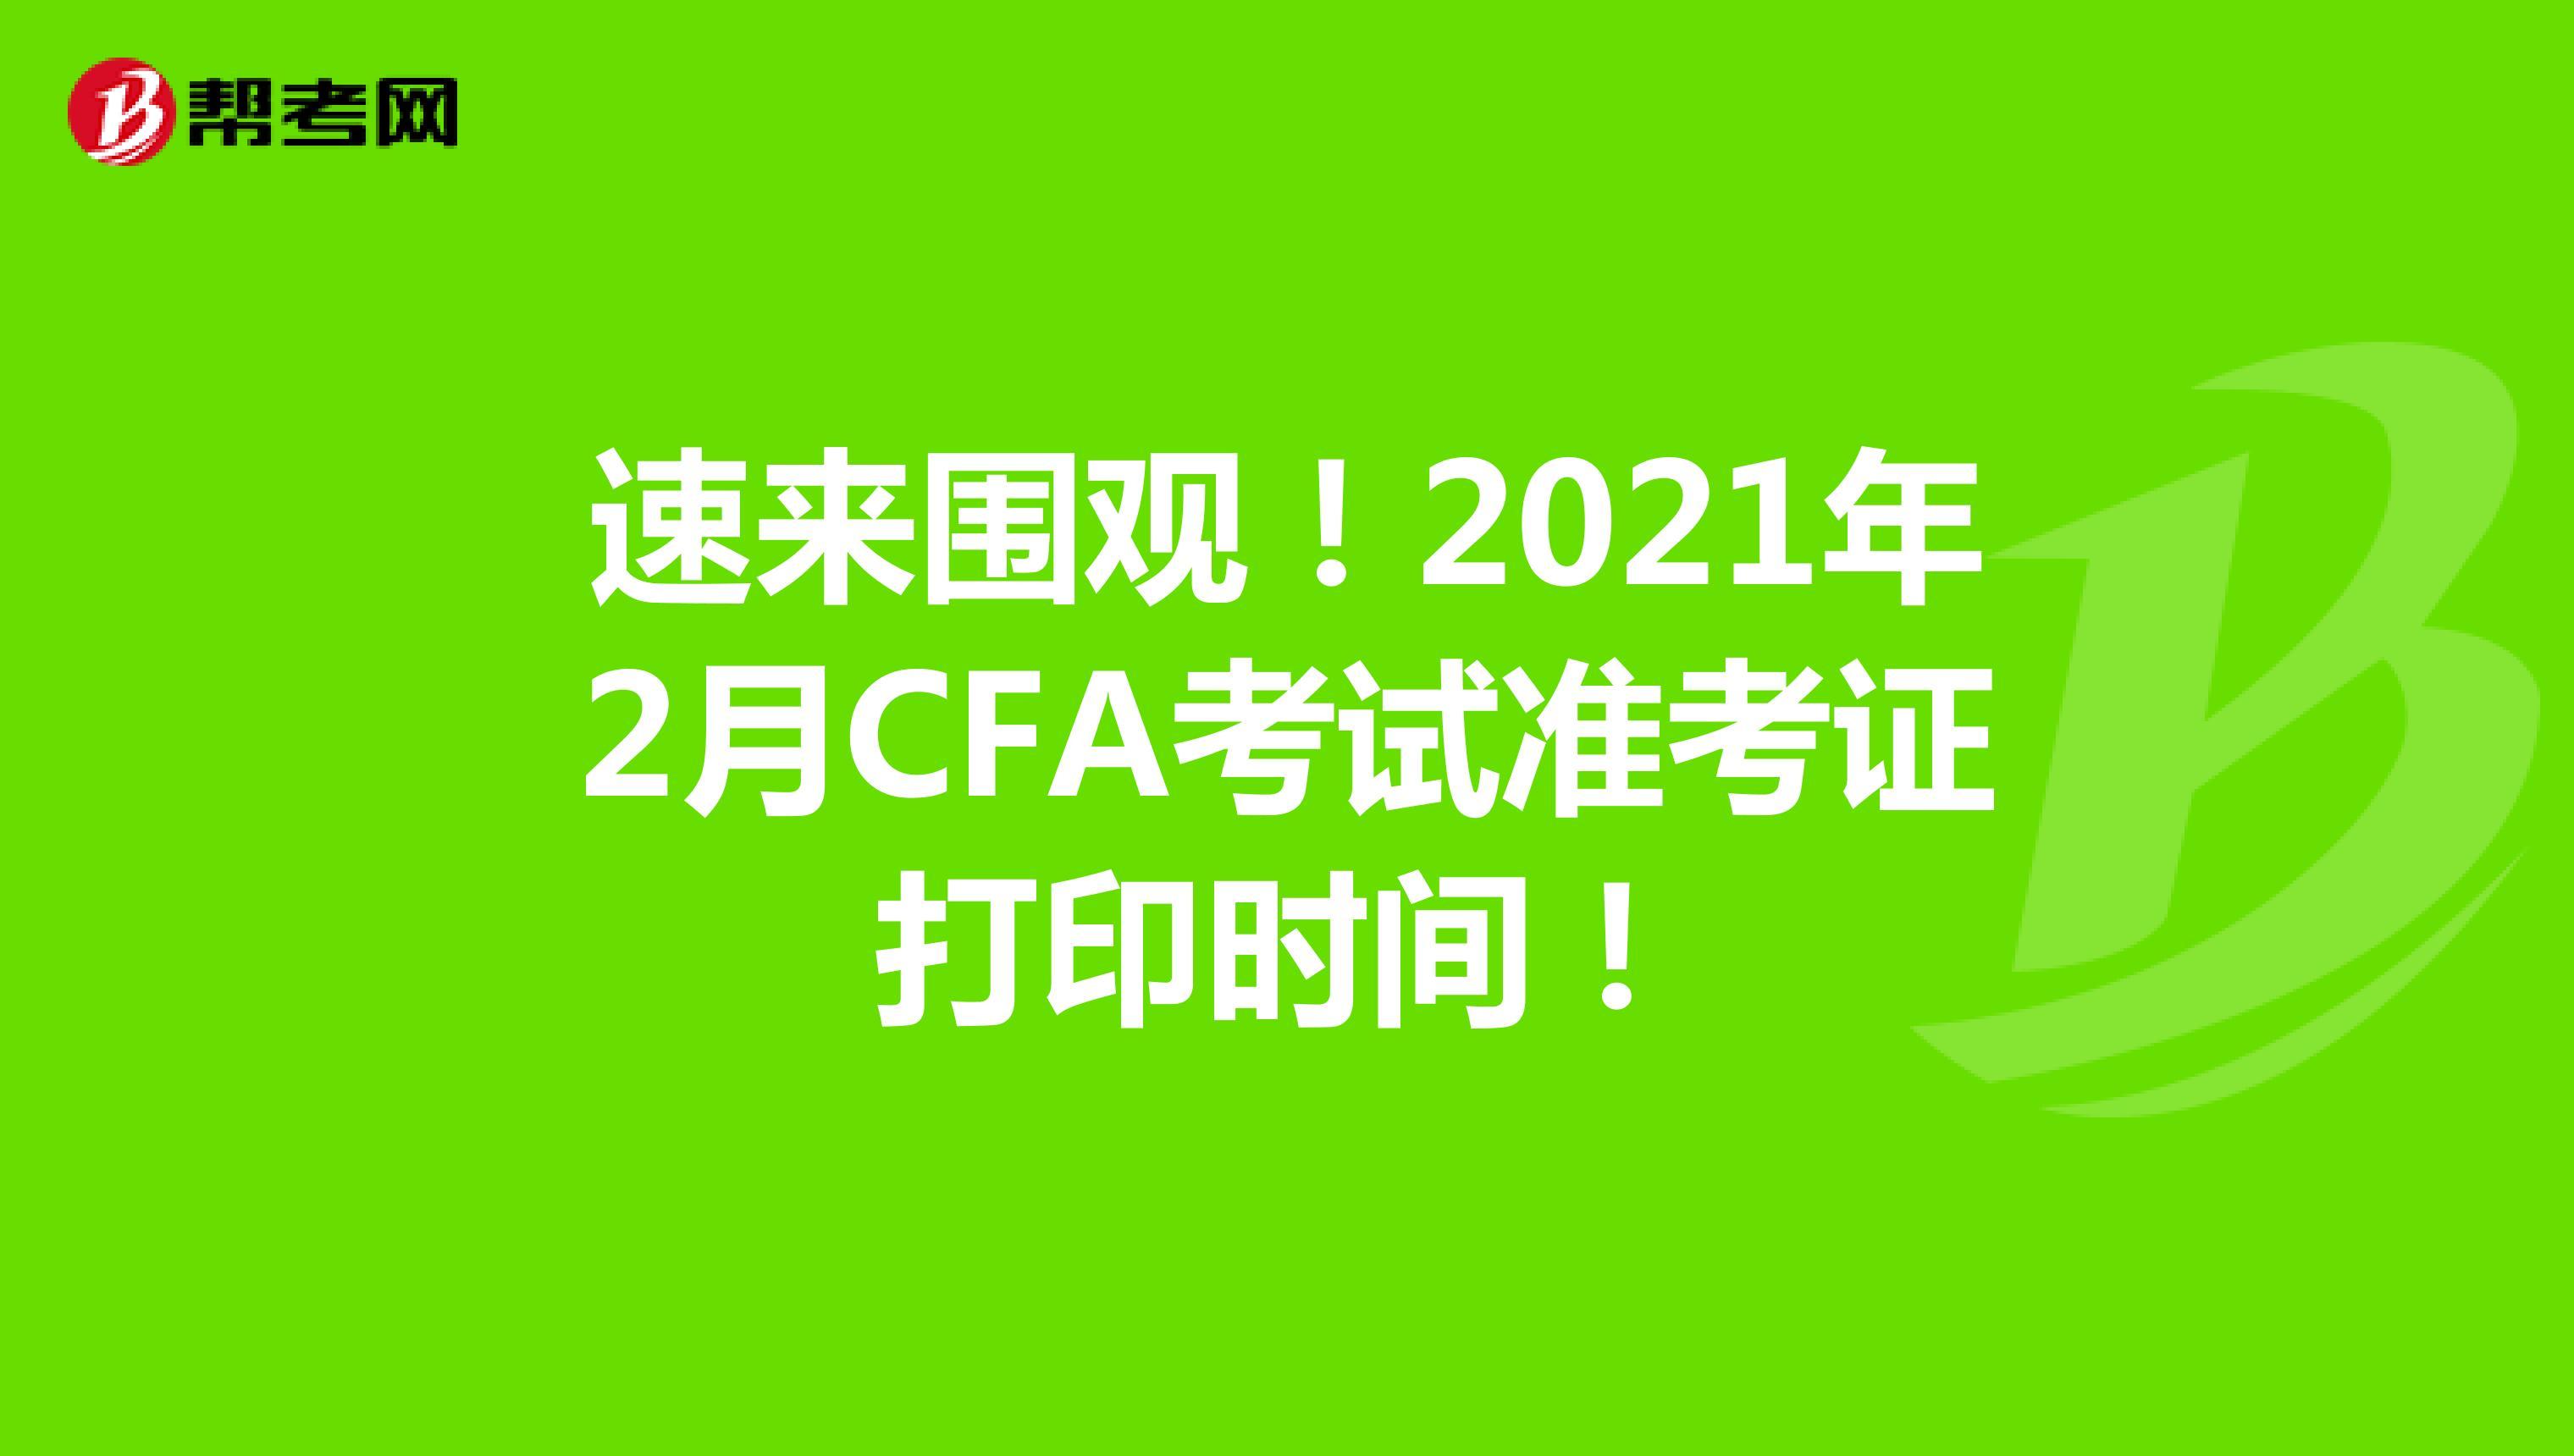 速來圍觀!2021年2月CFA考試準考證打印時間!